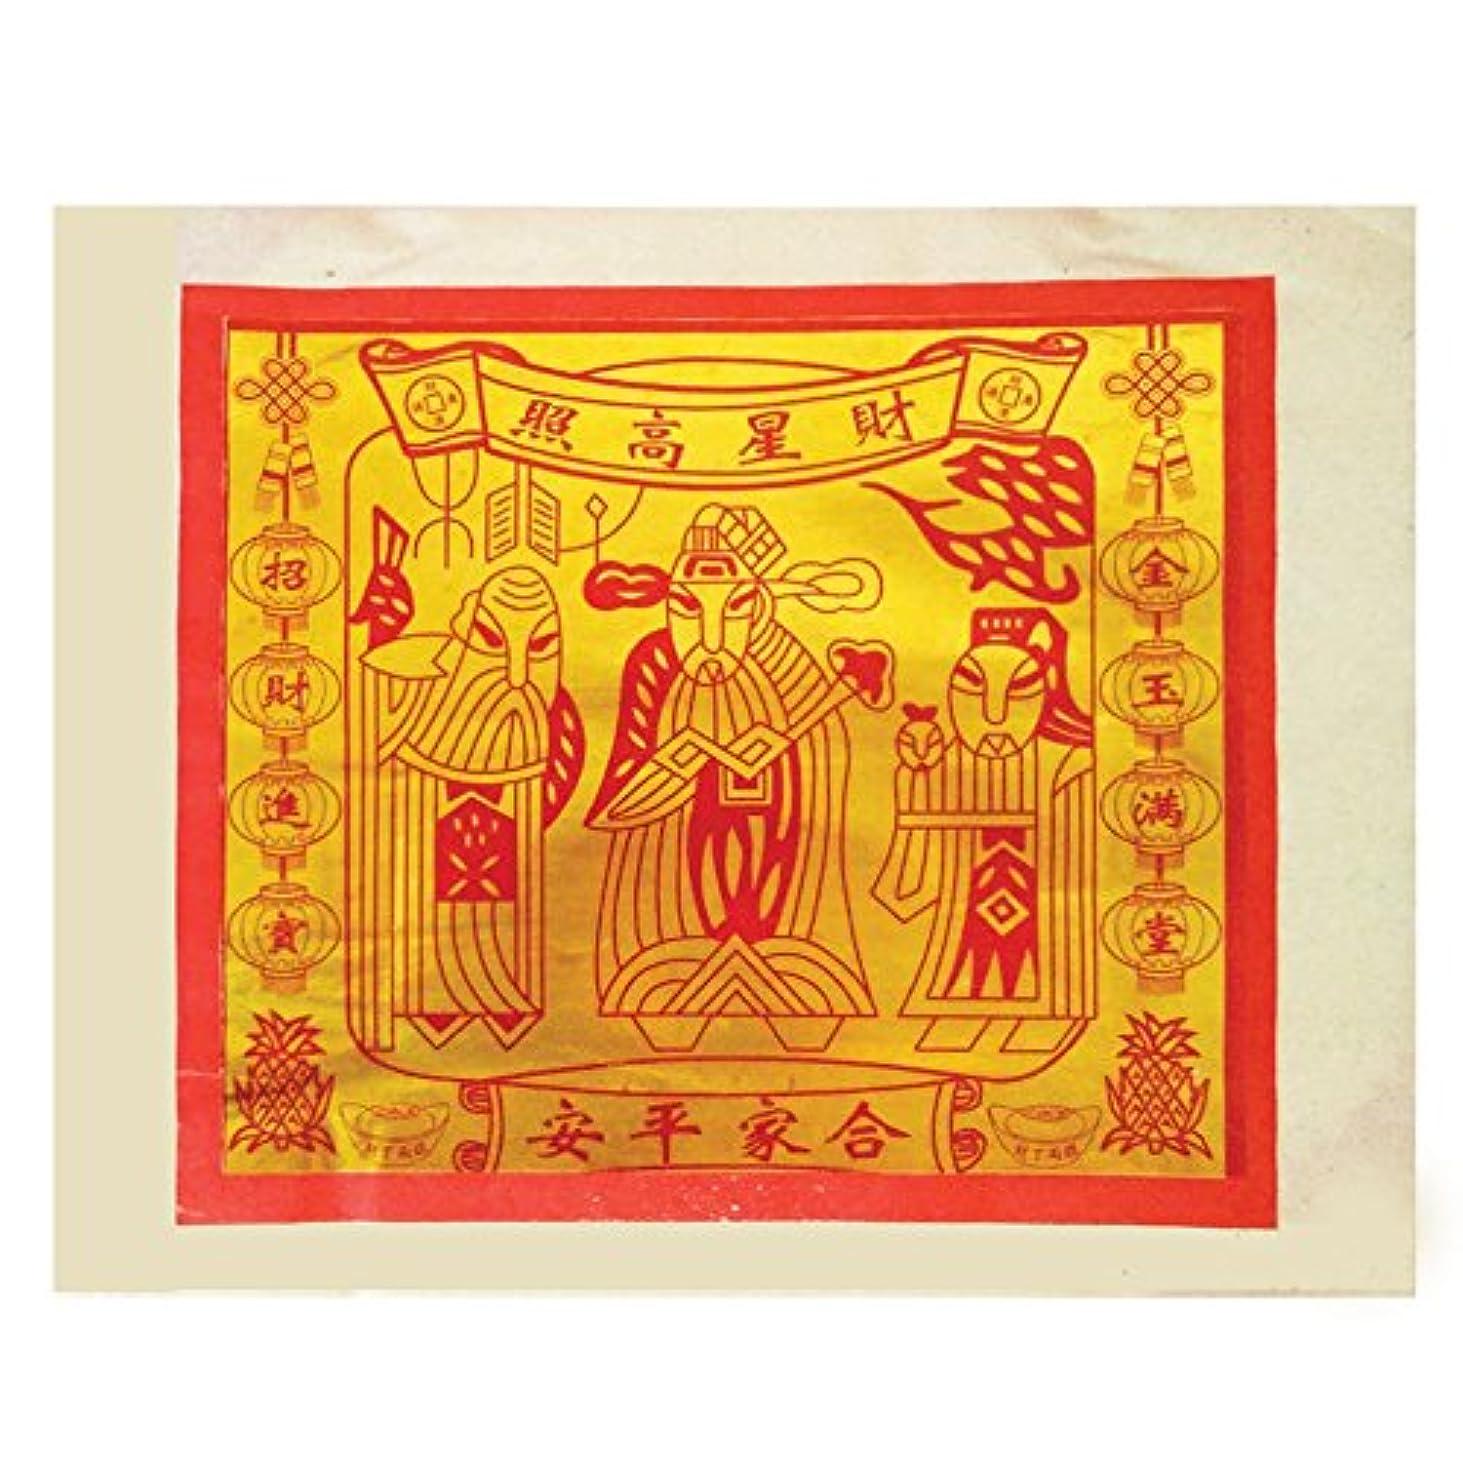 シエスタフリルマークされた100個Incense用紙/ Joss用紙with High Gradeゴールド箔サイズL15.75インチx 13.25インチ